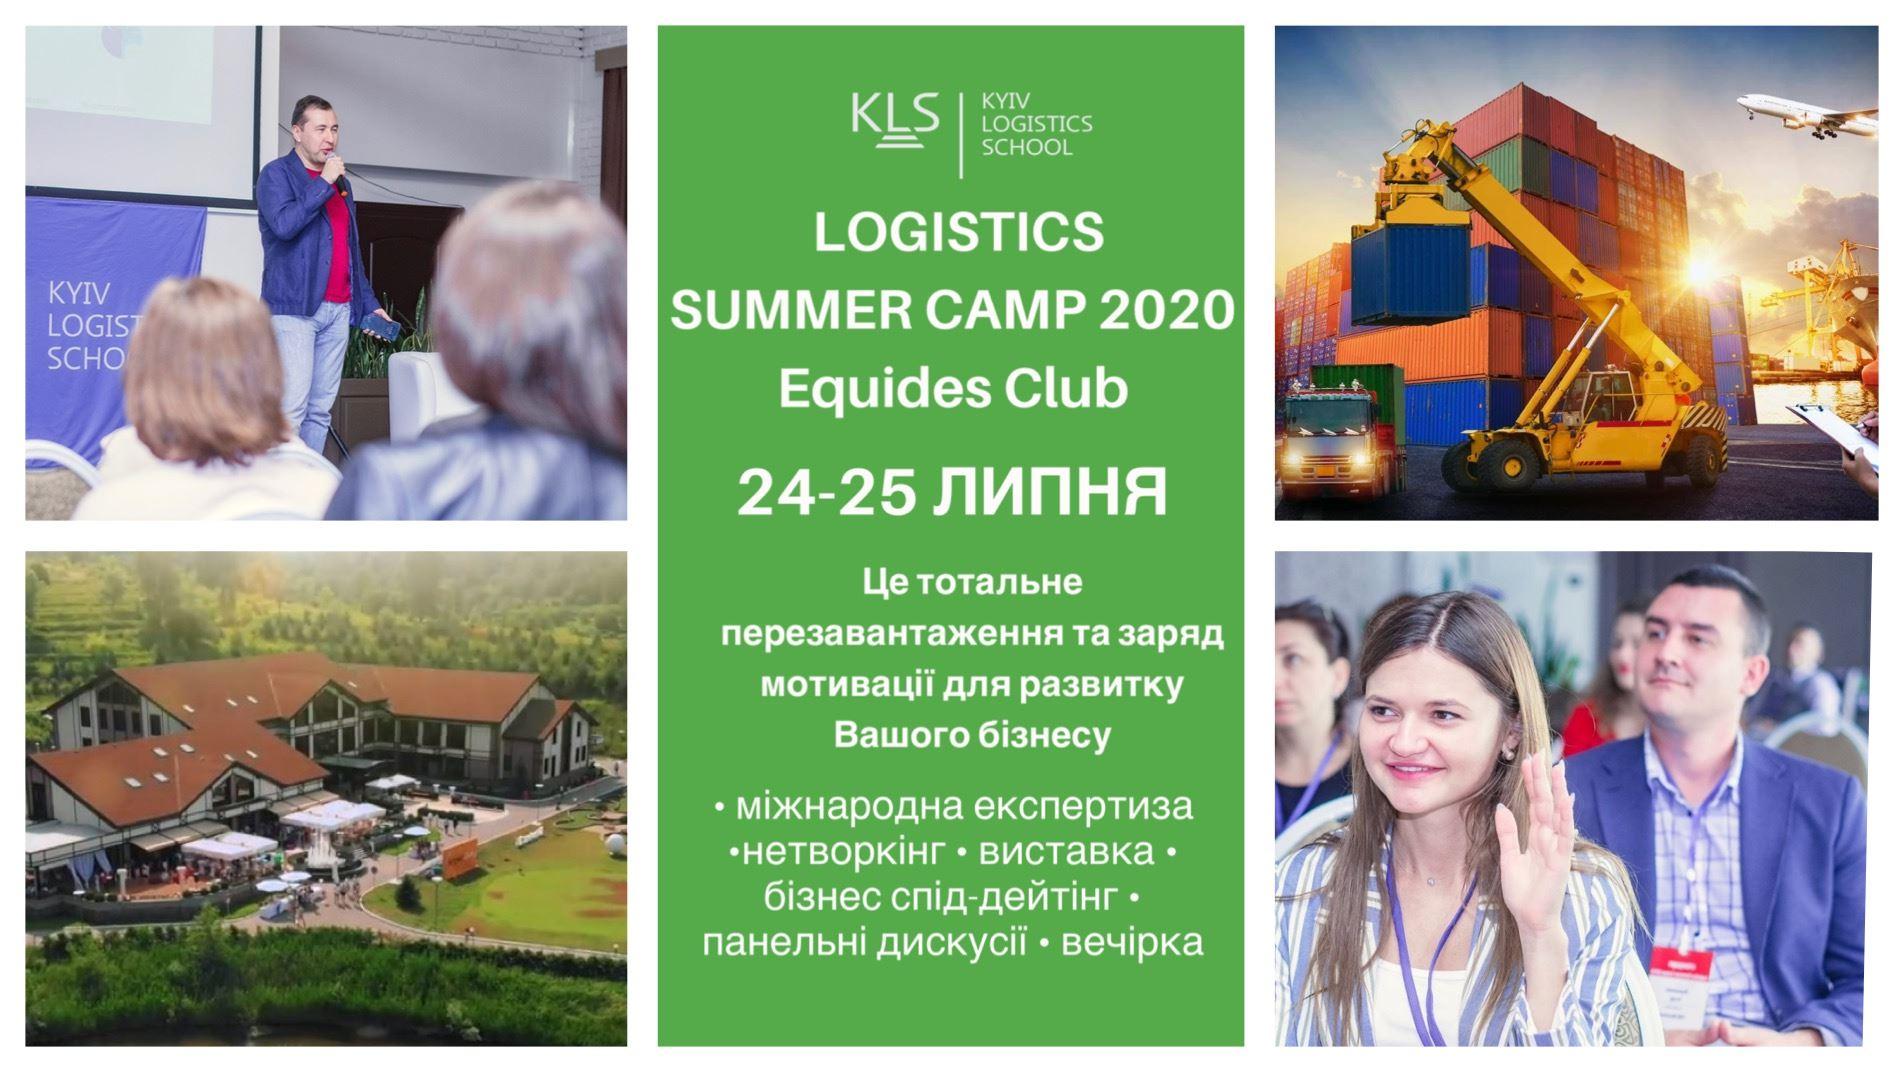 Новости логистики в Украине: WareTeka получила позитивные отклики от участников Logistics Summer Camp 2020